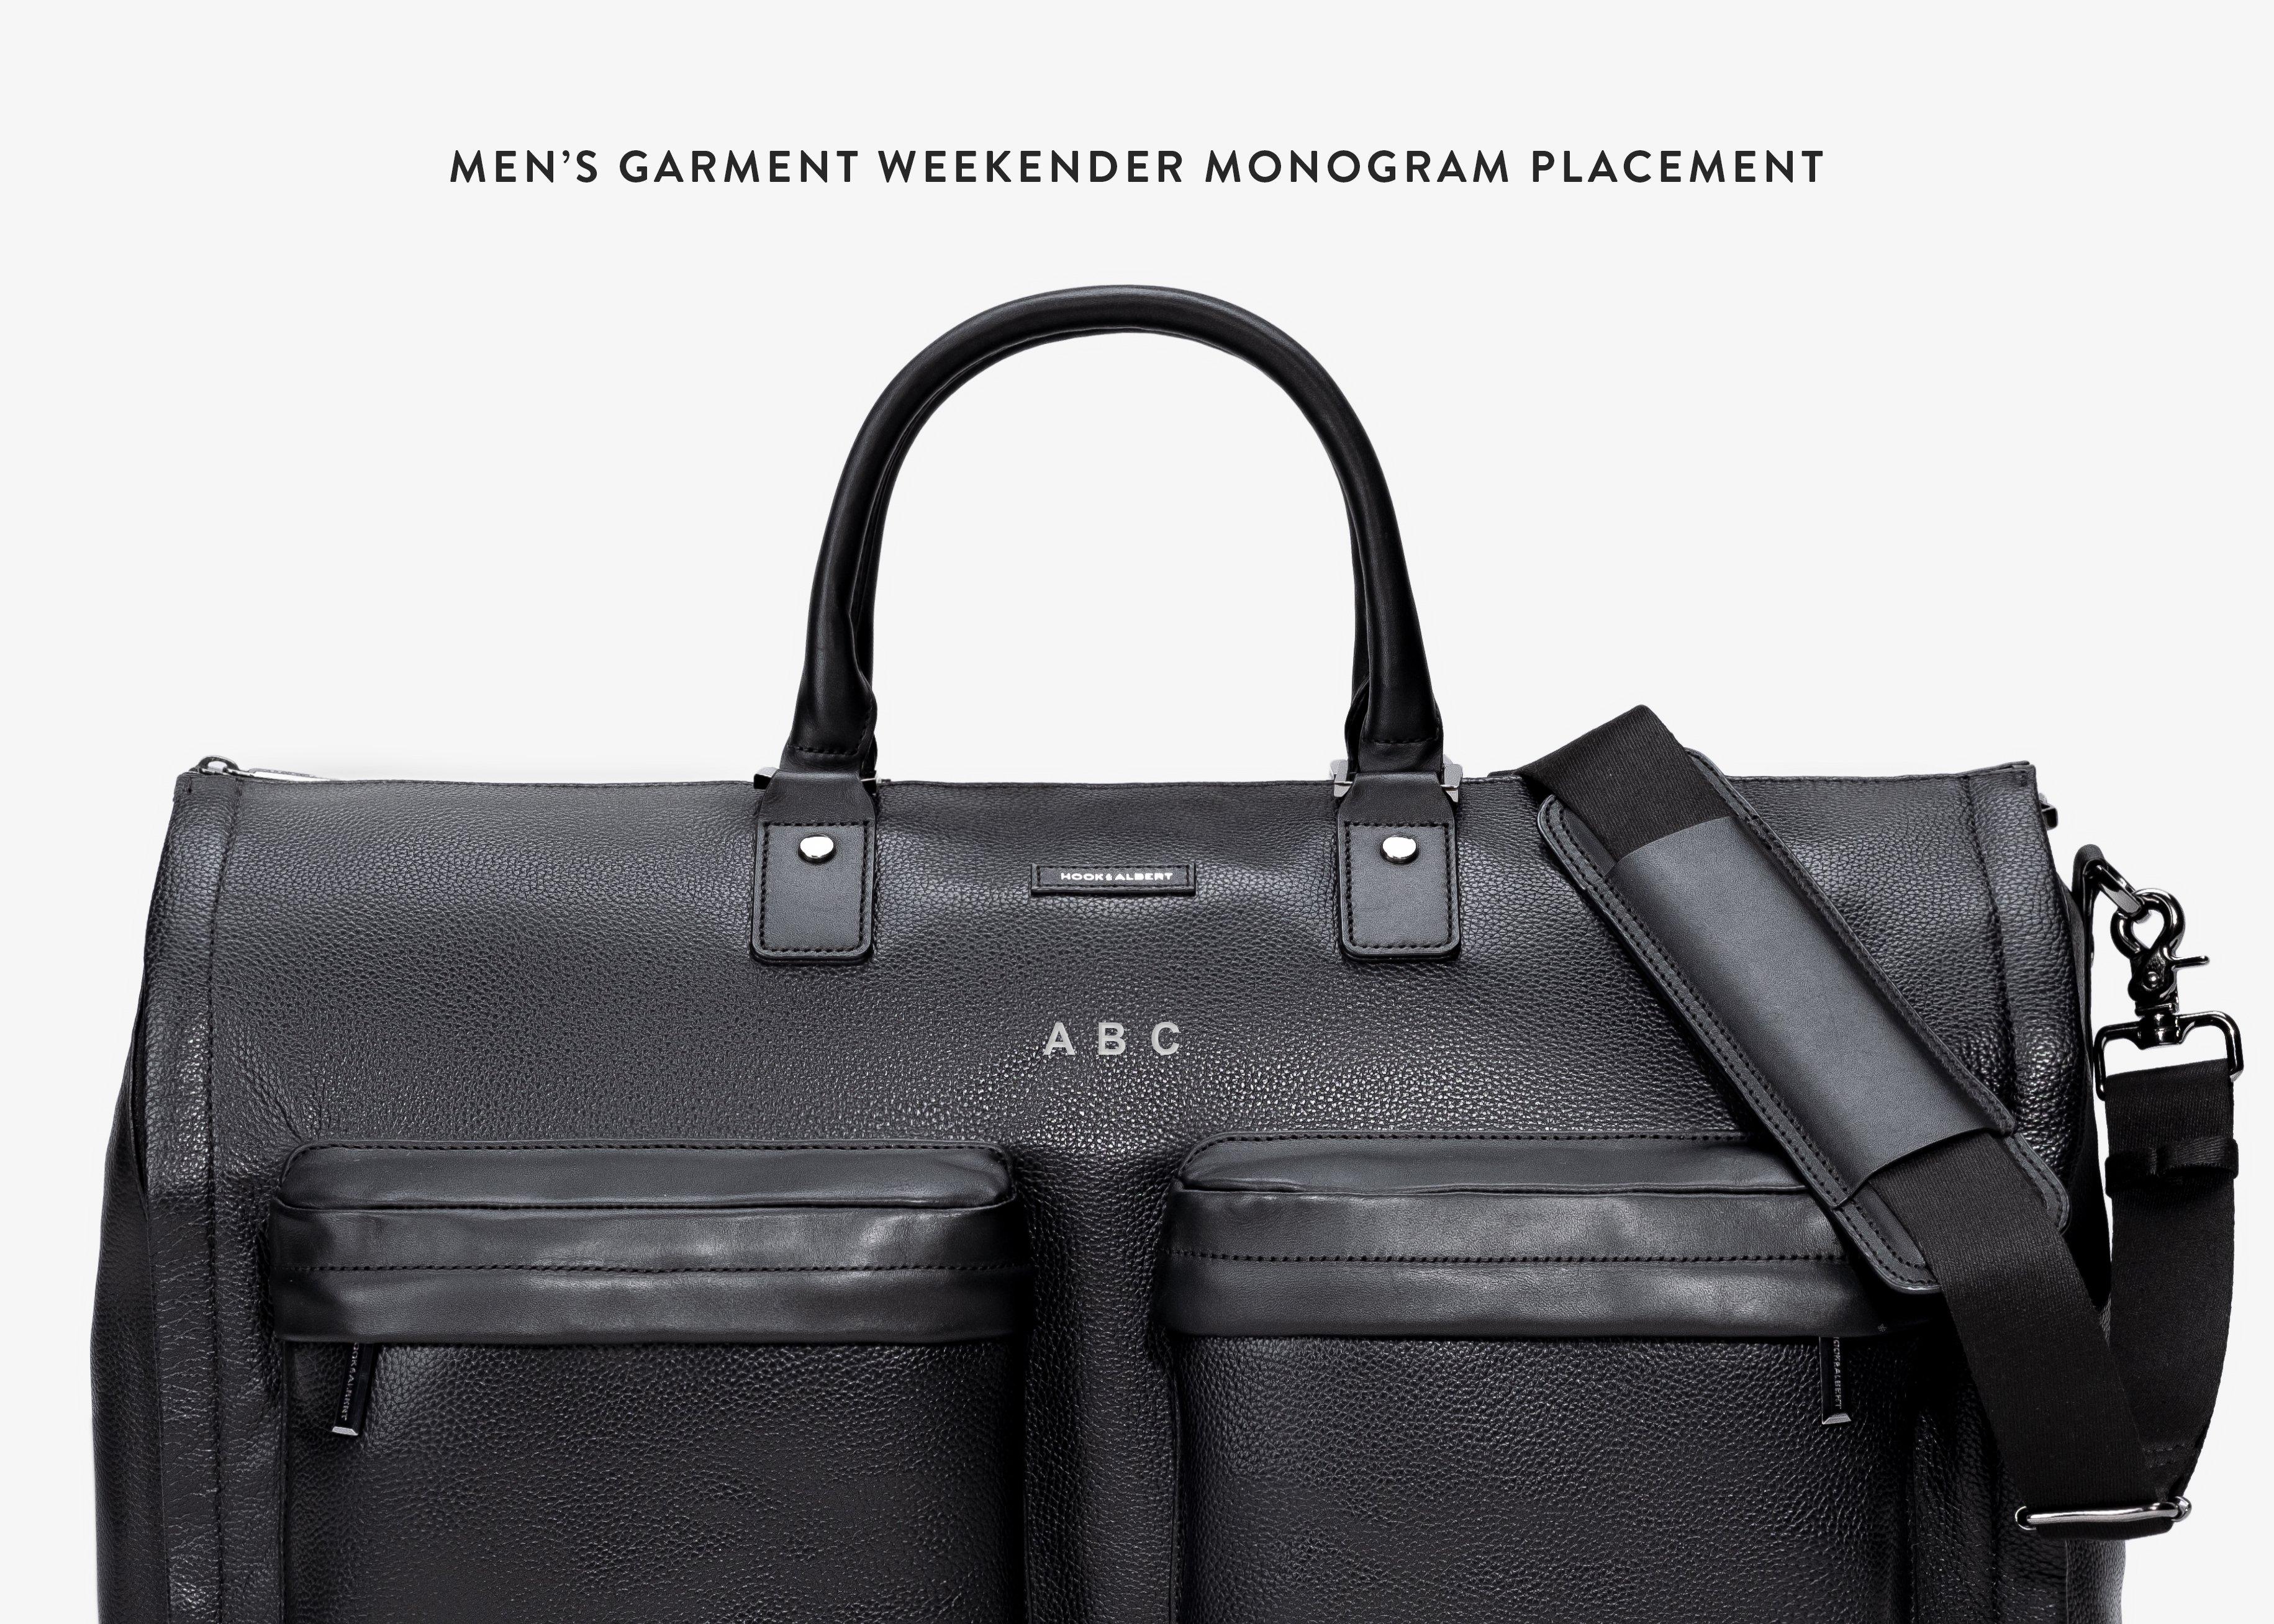 38db24153dbdf4 Men's Brown Leather Garment Weekender Bag – HOOK & ALBERT